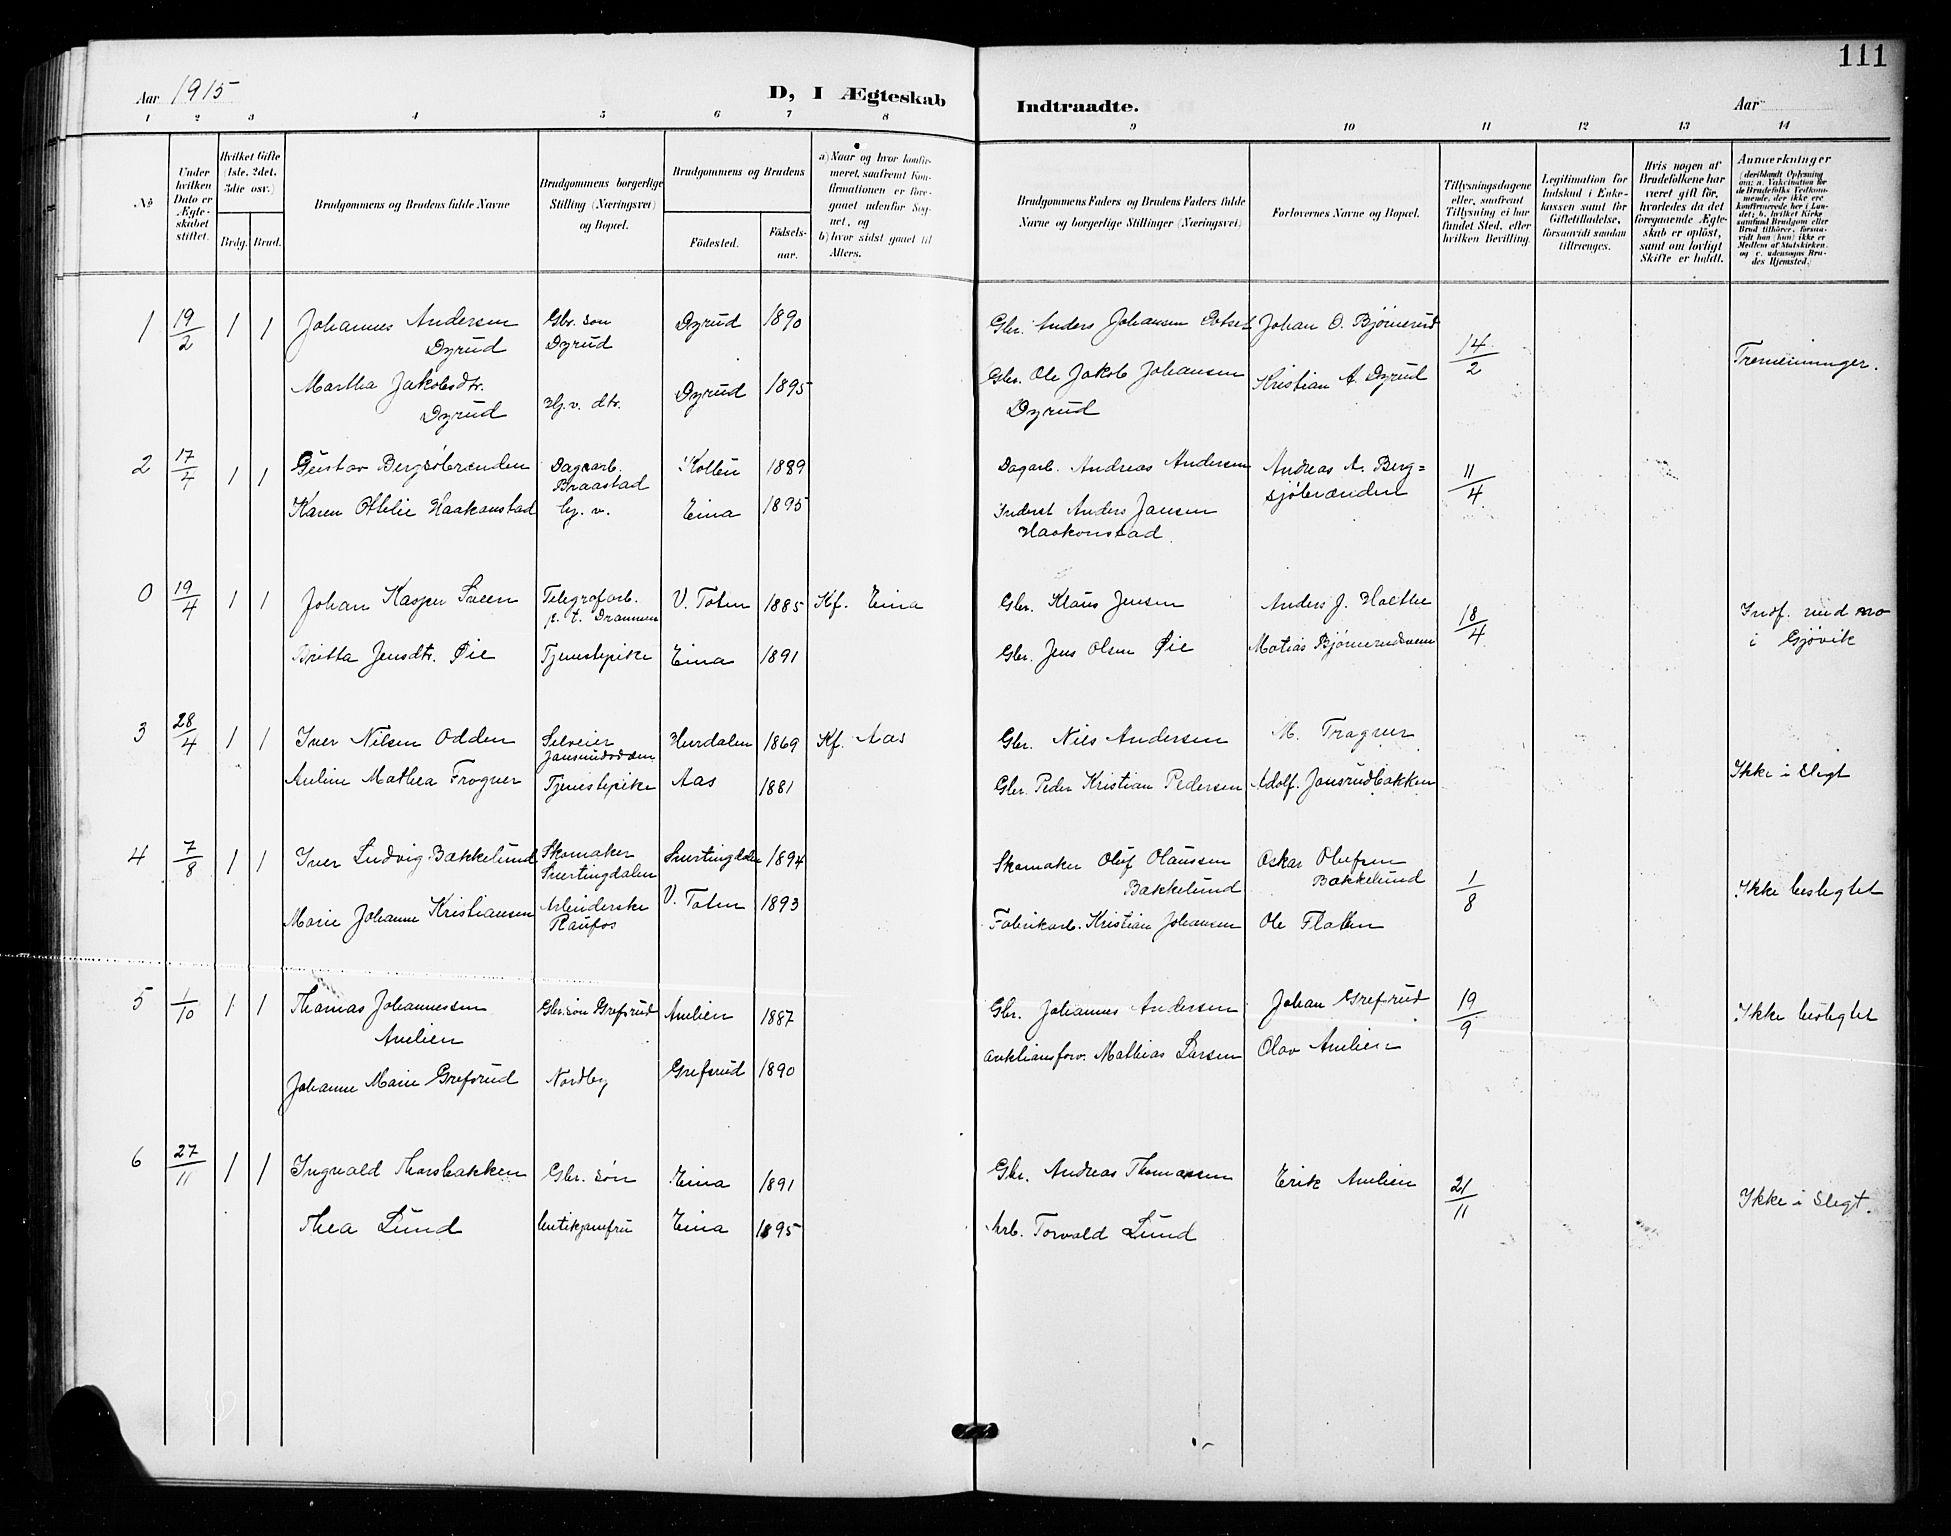 SAH, Vestre Toten prestekontor, Klokkerbok nr. 16, 1901-1915, s. 111